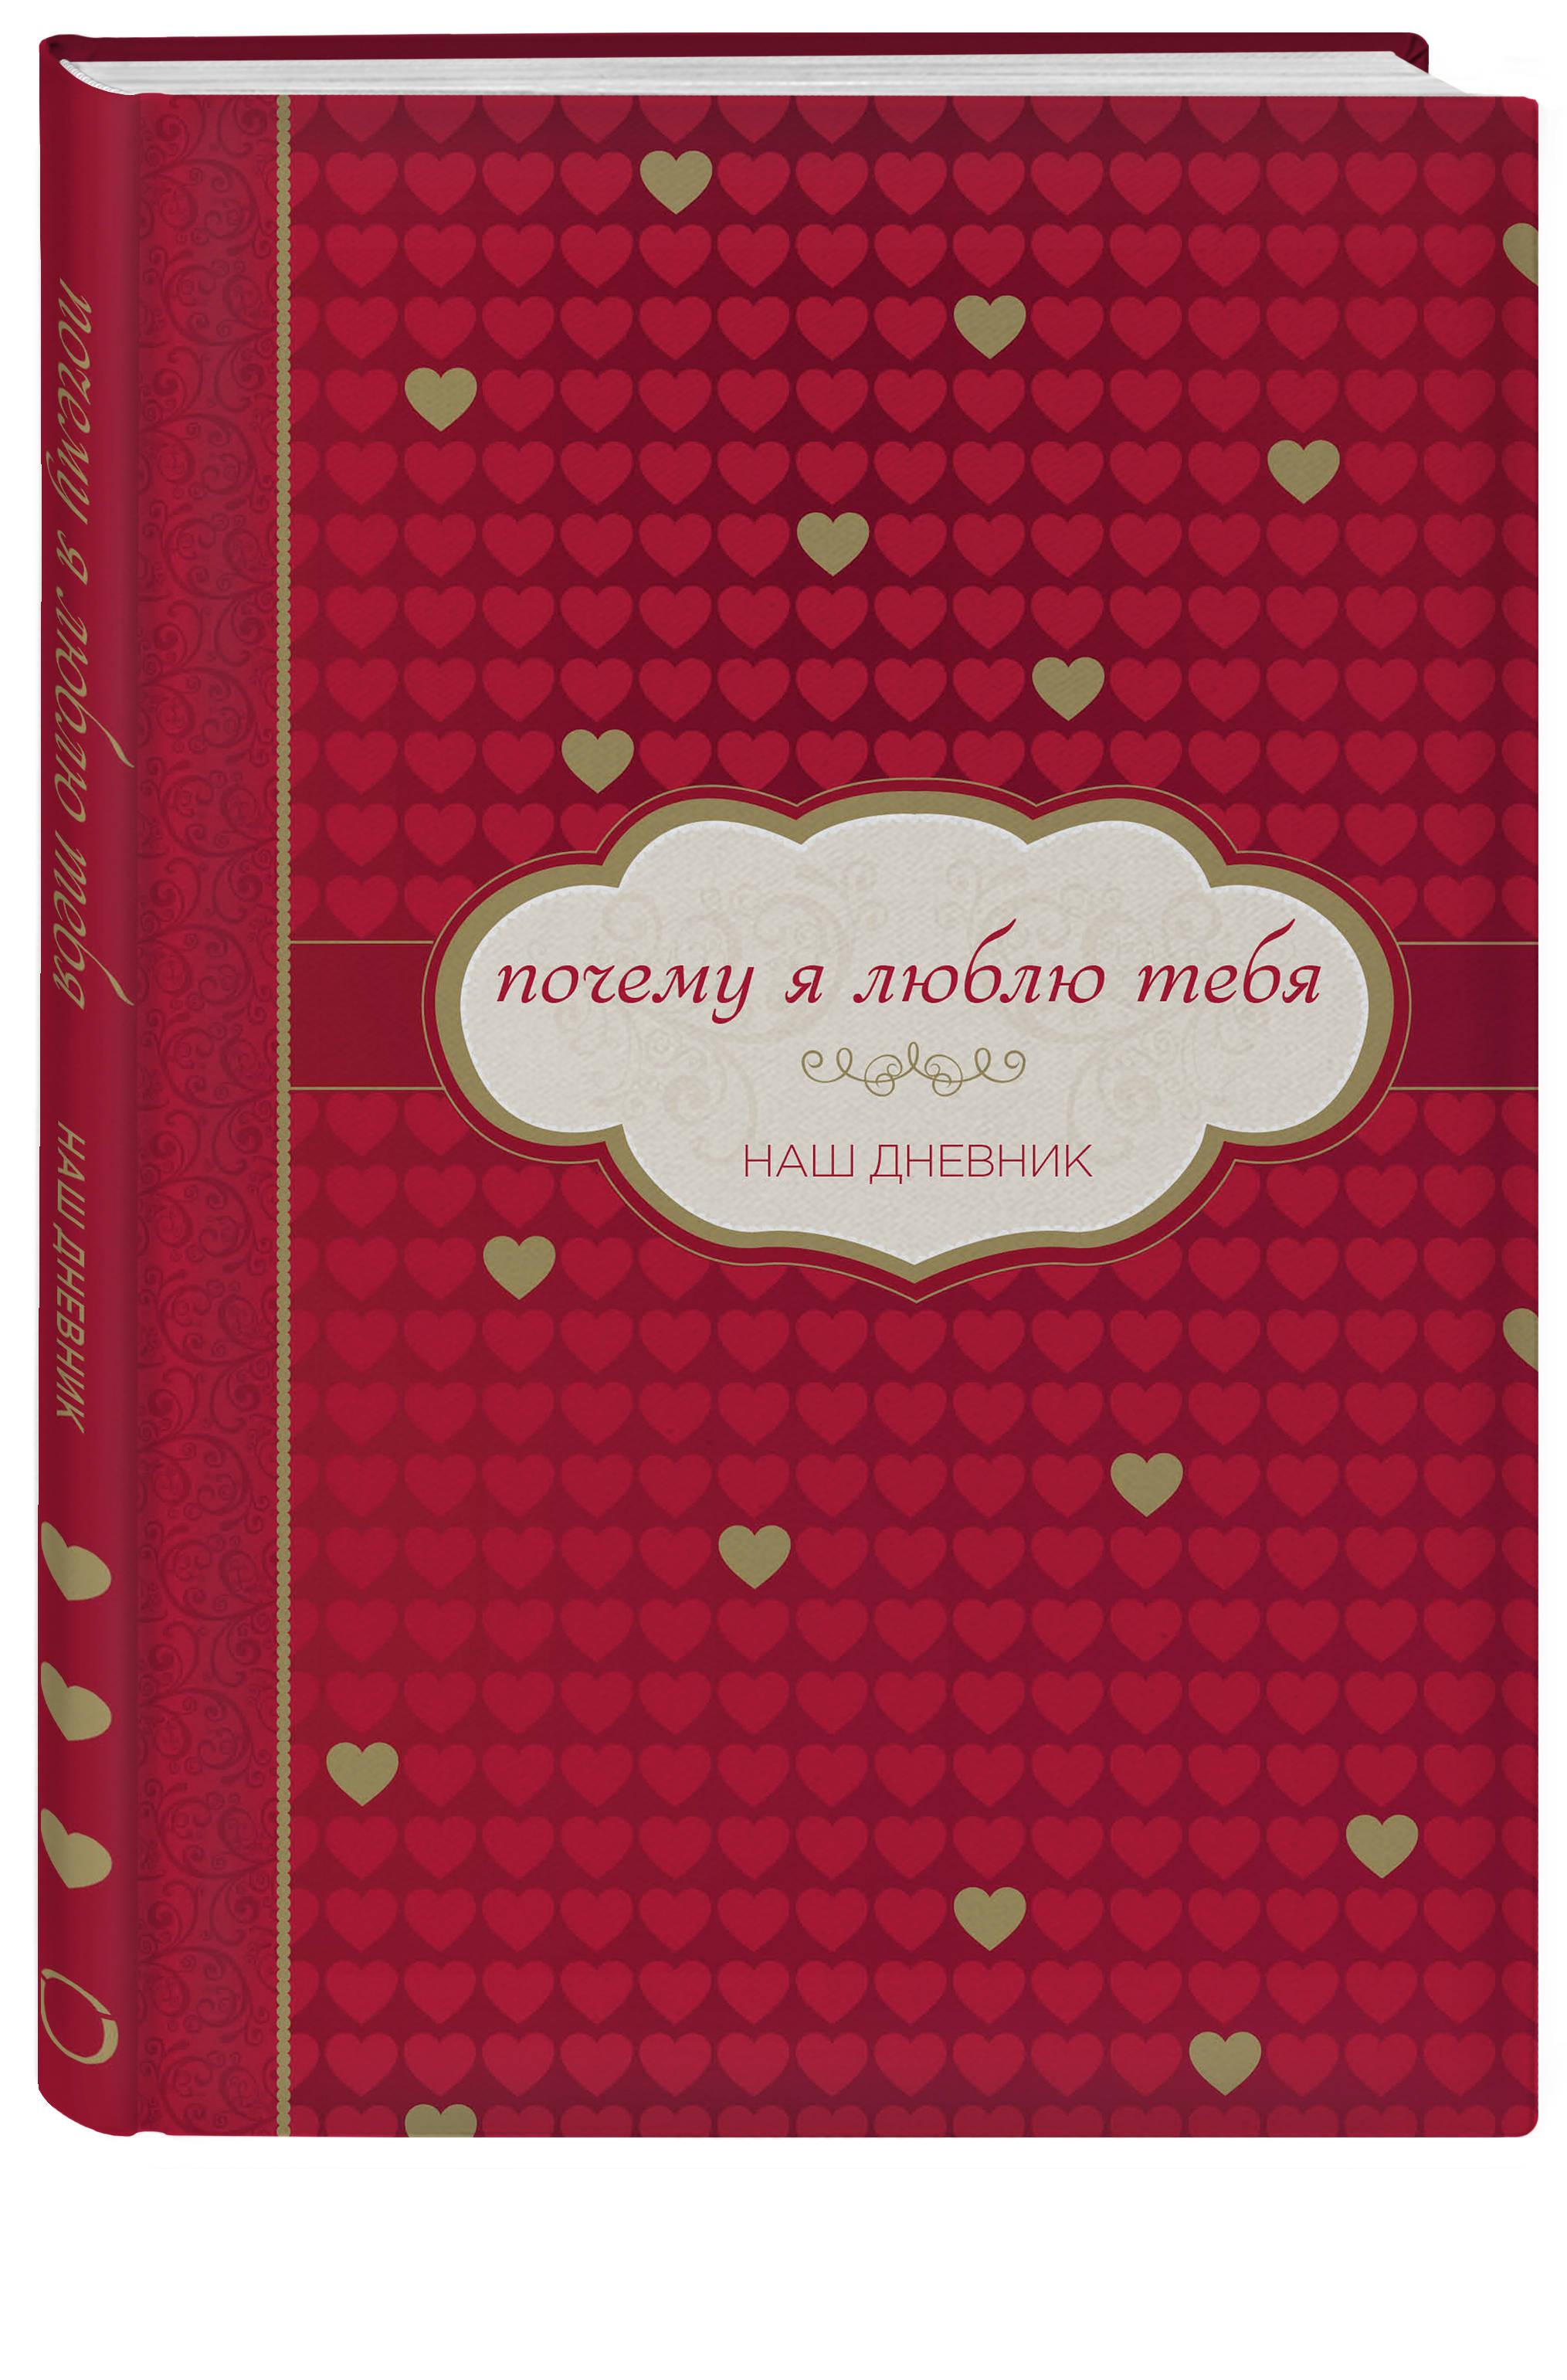 Почему я люблю тебя. Наш дневник ( Зенкель Сьюзан  )